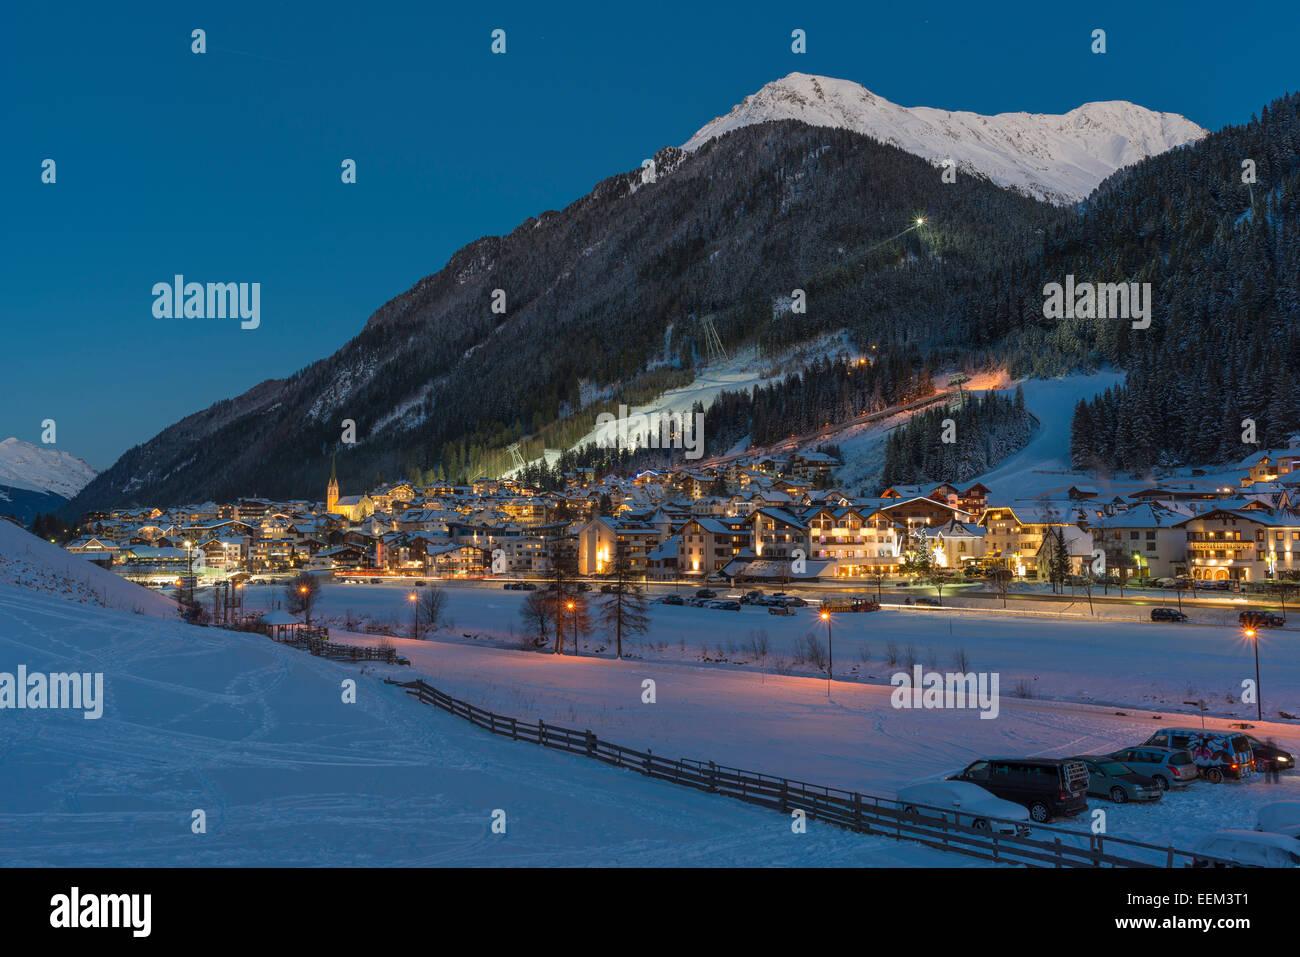 Voir d'Ischgl, centre de sports d'hiver dans la nuit, la vallée de Paznaun, Ischgl, Tyrol, Autriche Photo Stock